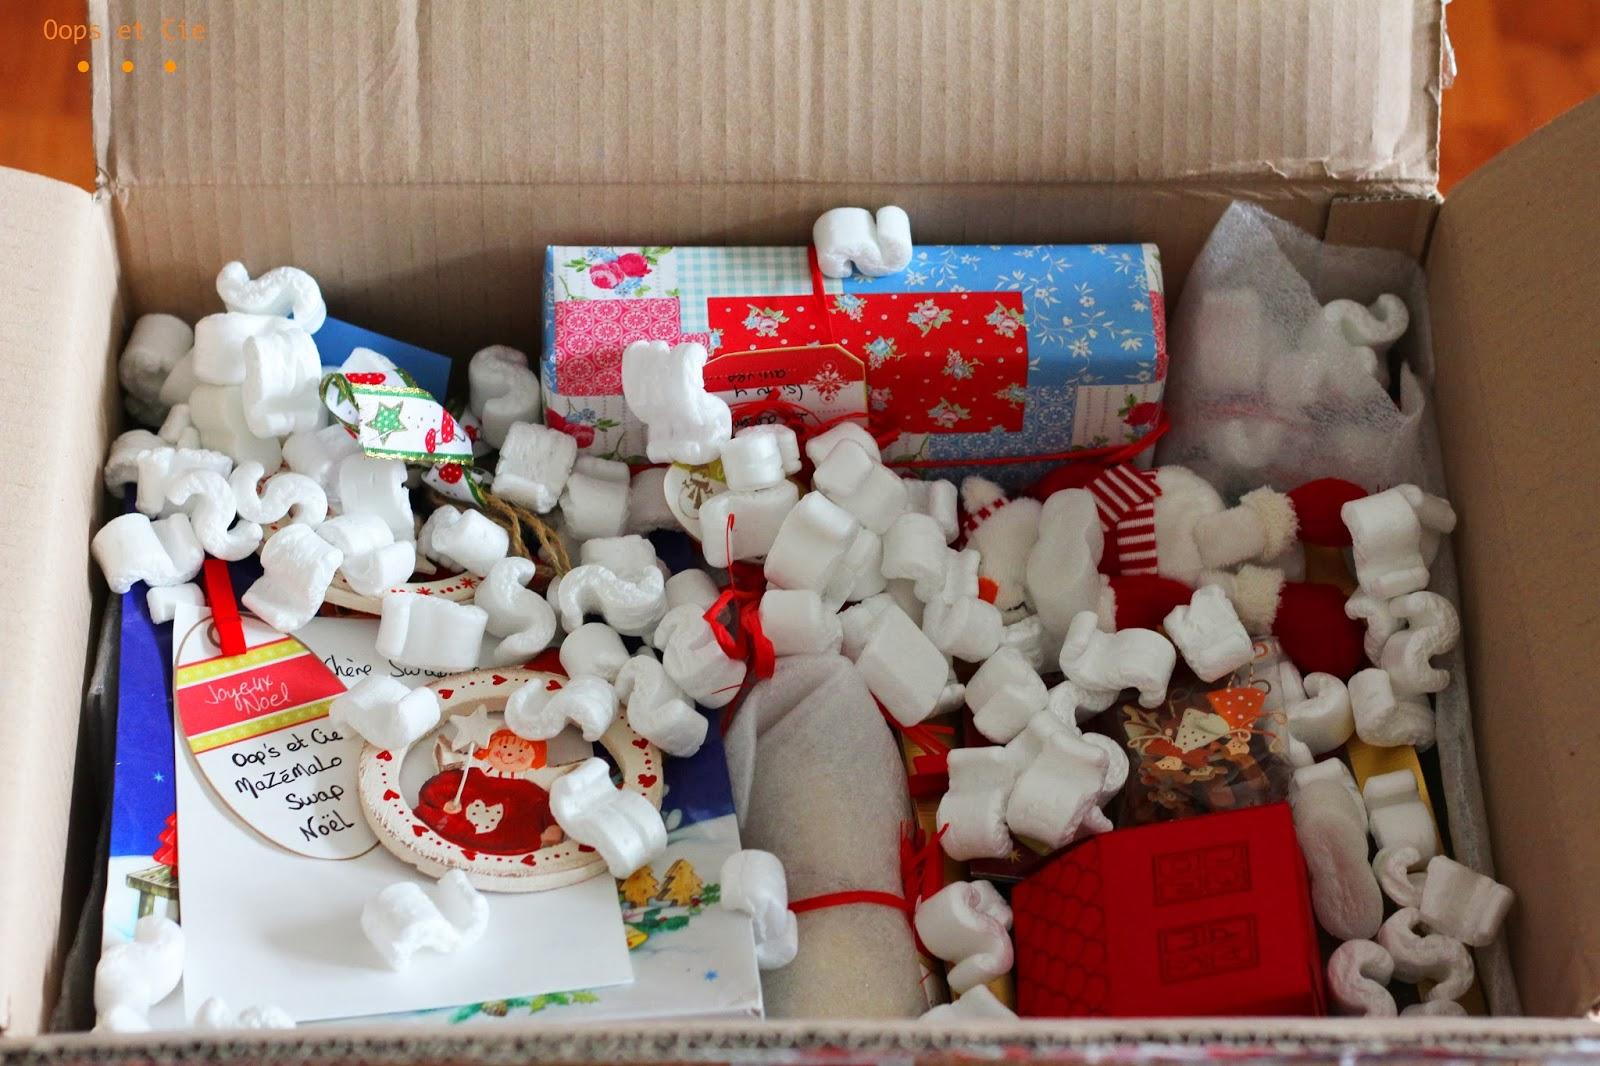 Très Oops & Cie: Swap de Noël, l'ouverture du colis MO34